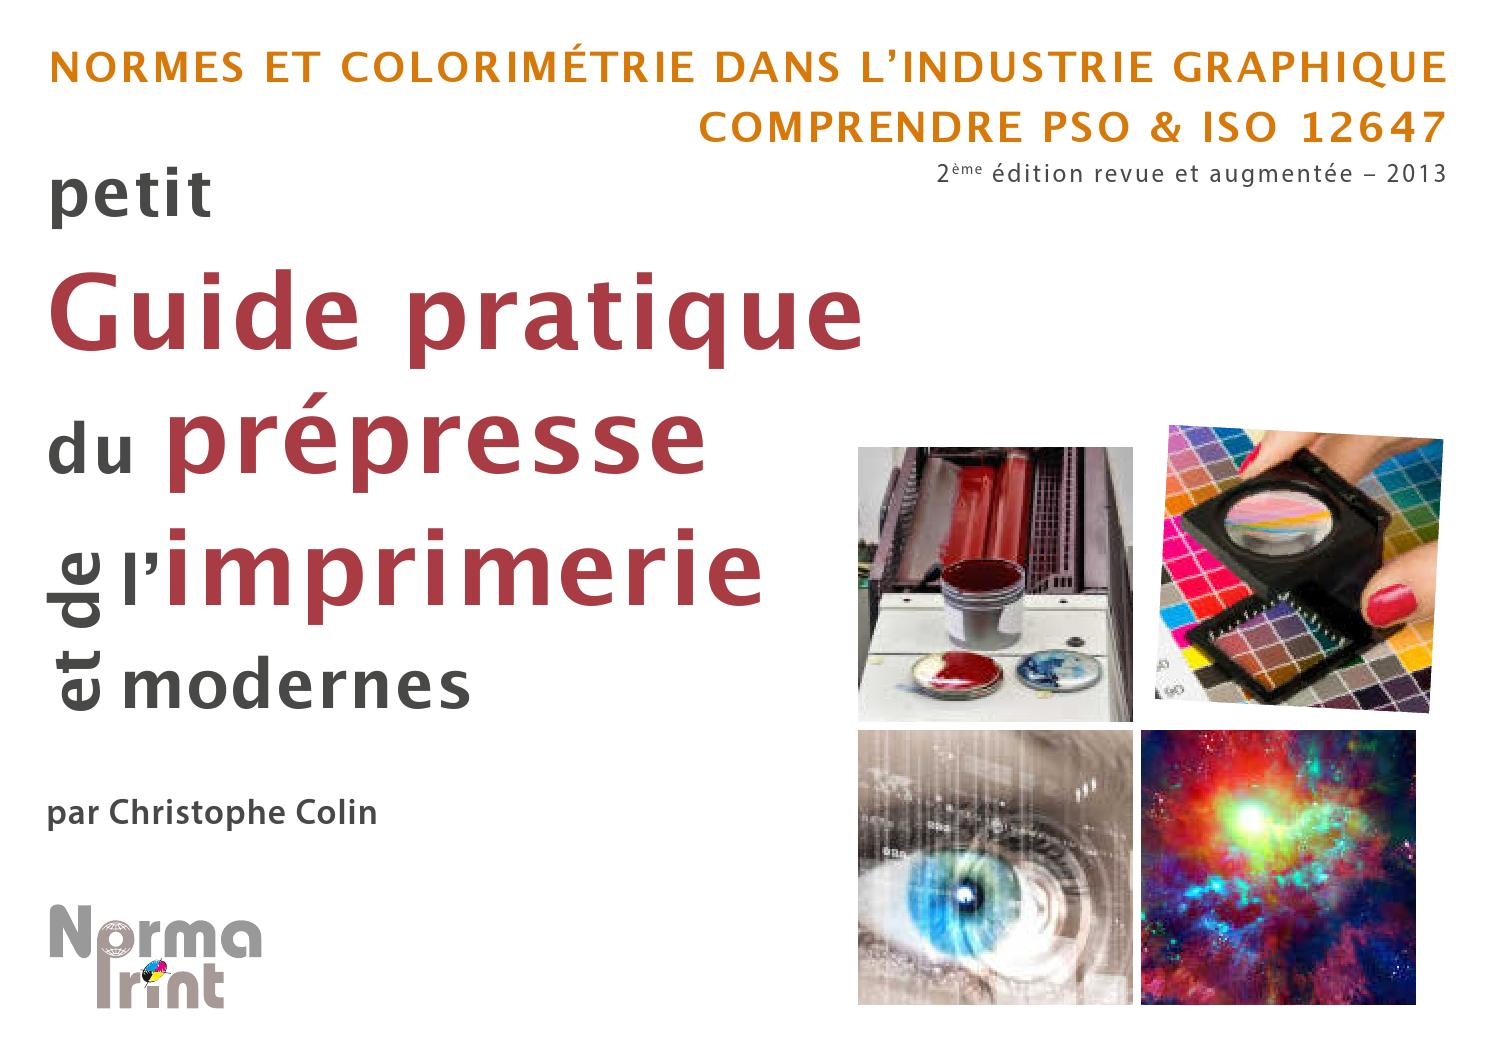 FOGRA 39 PROFIL GRATUITEMENT TÉLÉCHARGER